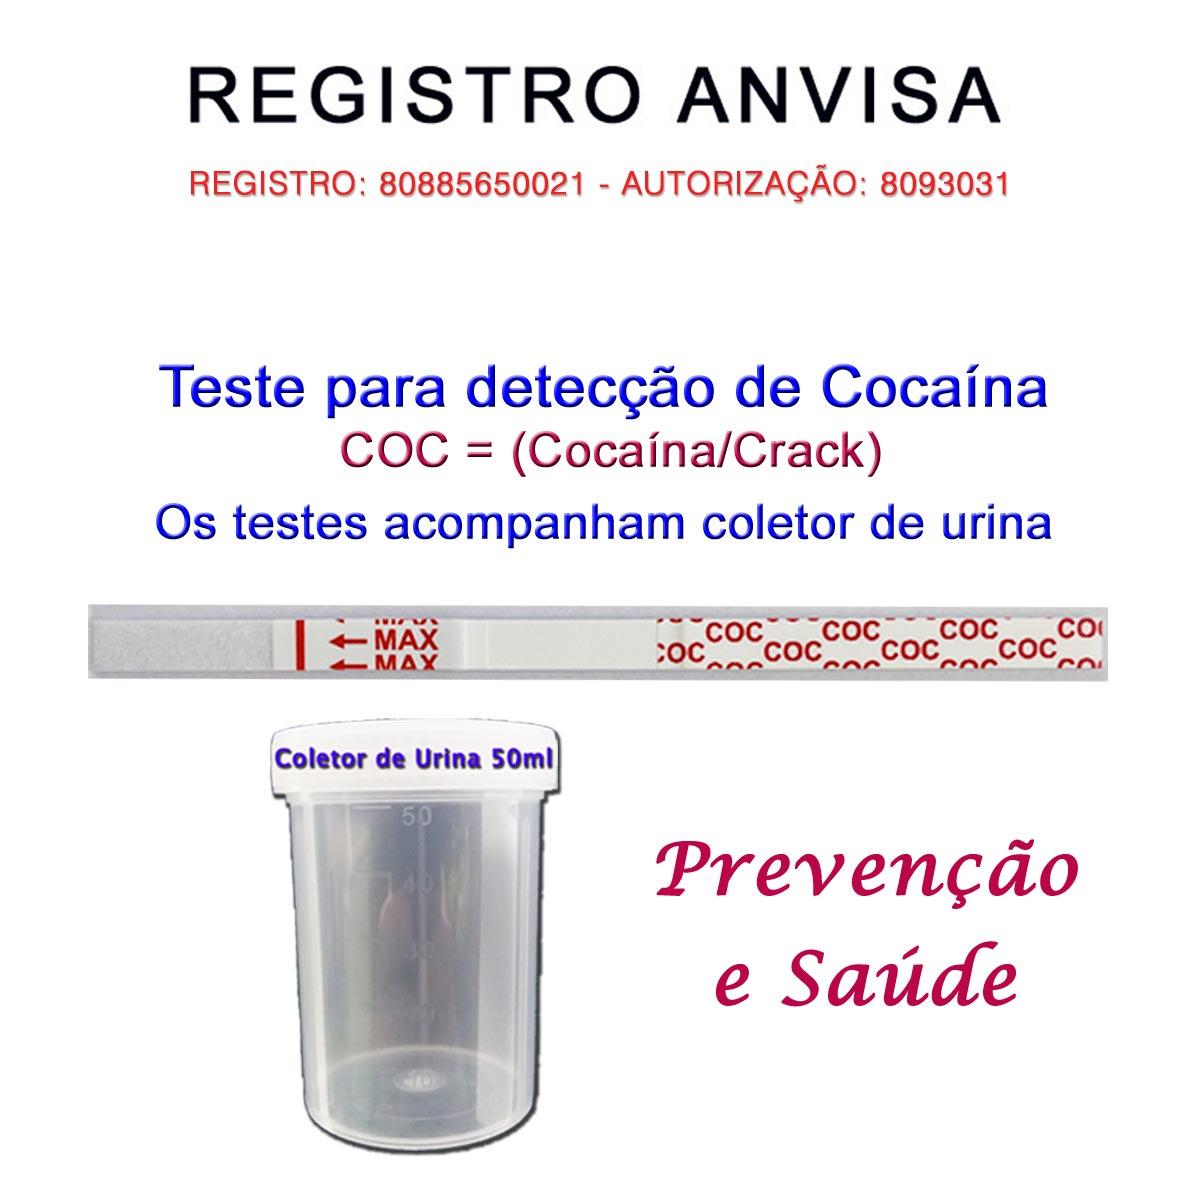 25 Kits para teste de COC-CRACK  - Loja Saúde - Diagnósticos e Produtos Naturais